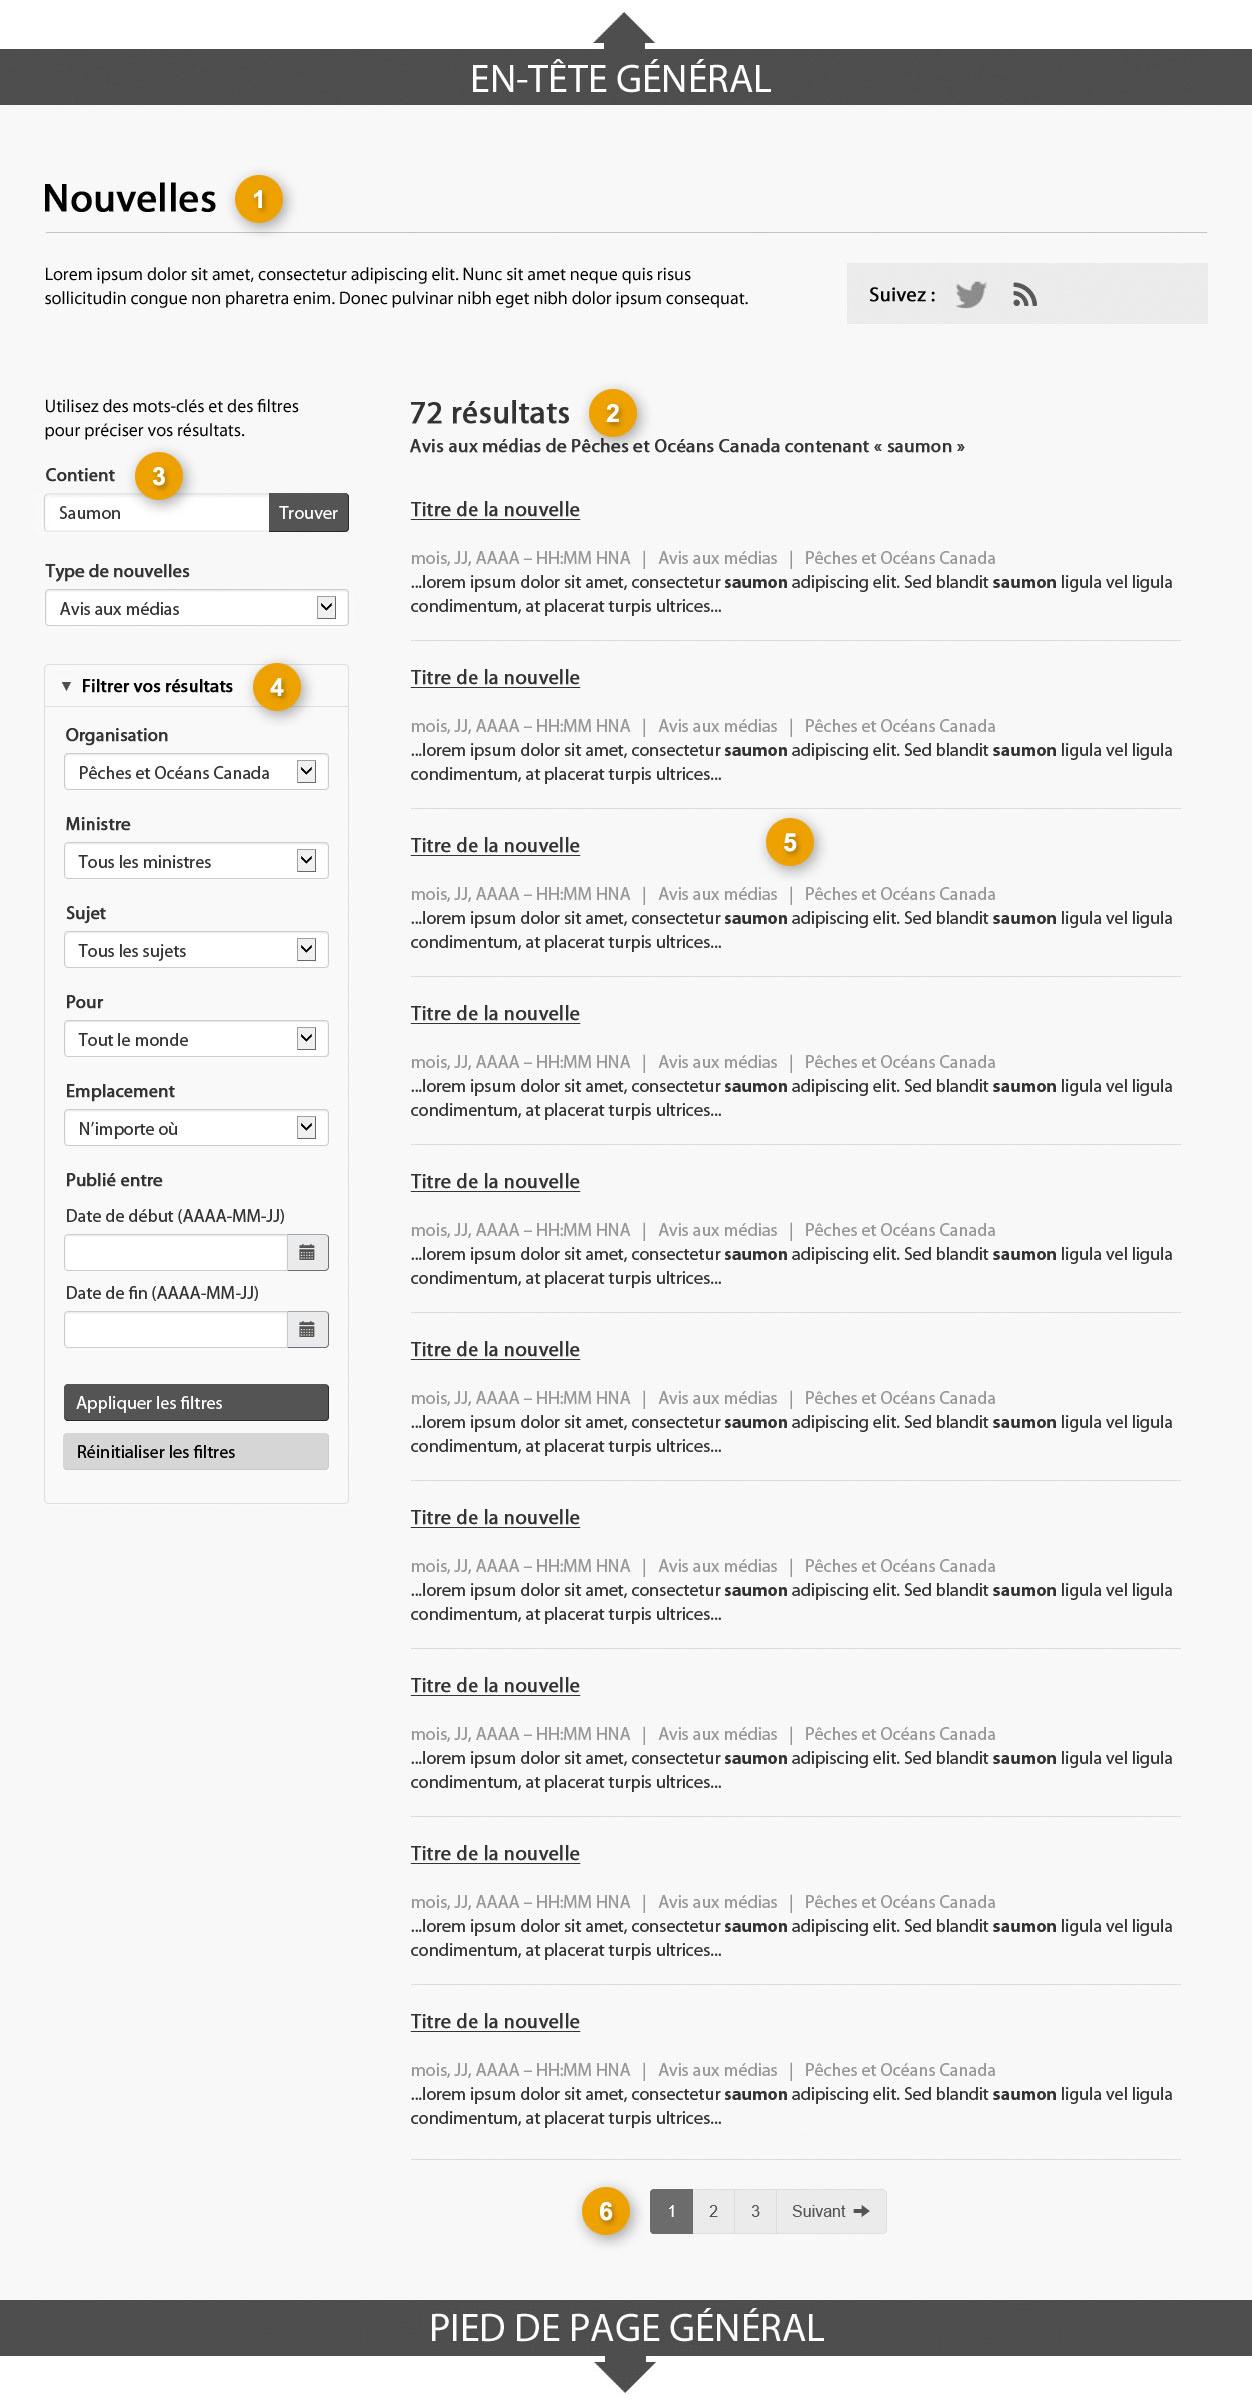 Modèle de page des résultats de nouvelles indiquant les parties qui composent sa structure. Lire de haut en bas et de gauche à droite. Plus de détails au sujet de ce graphique se retrouvent dans le texte entourant l'image.